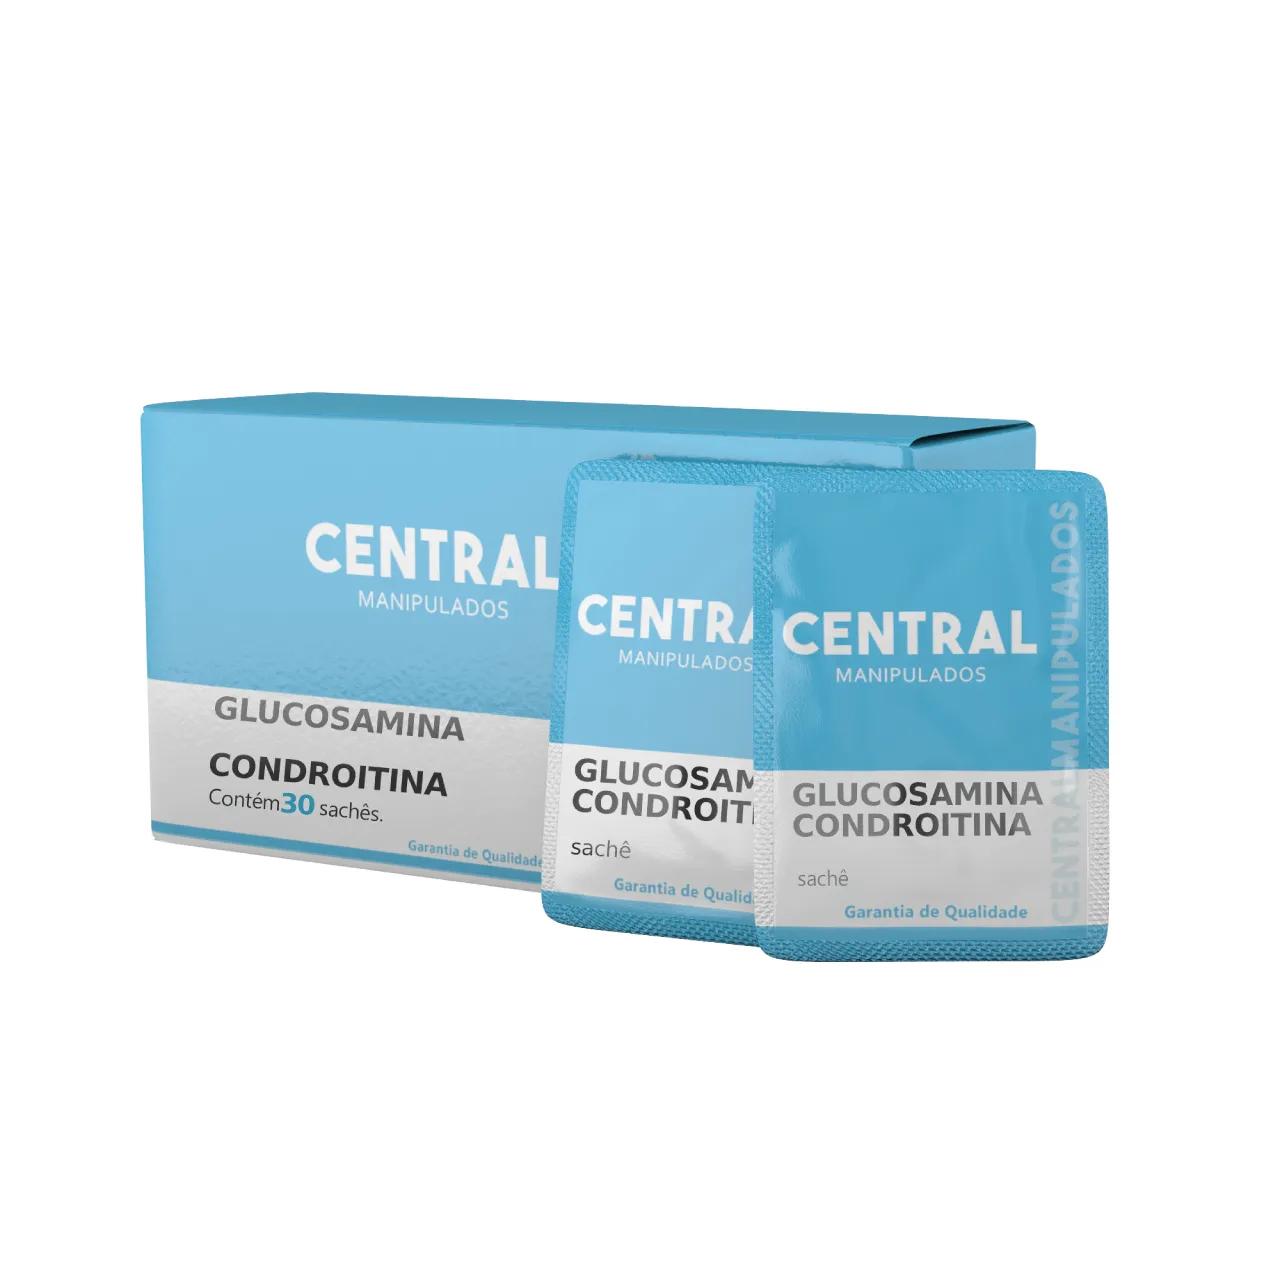 Glucosamina 1,5g  + Condroitina 1,2g - 30 sachês efervescente - Sem sabor - Restaurar as articulações e cartilagens, Reduzir câimbras musculares e espasmos